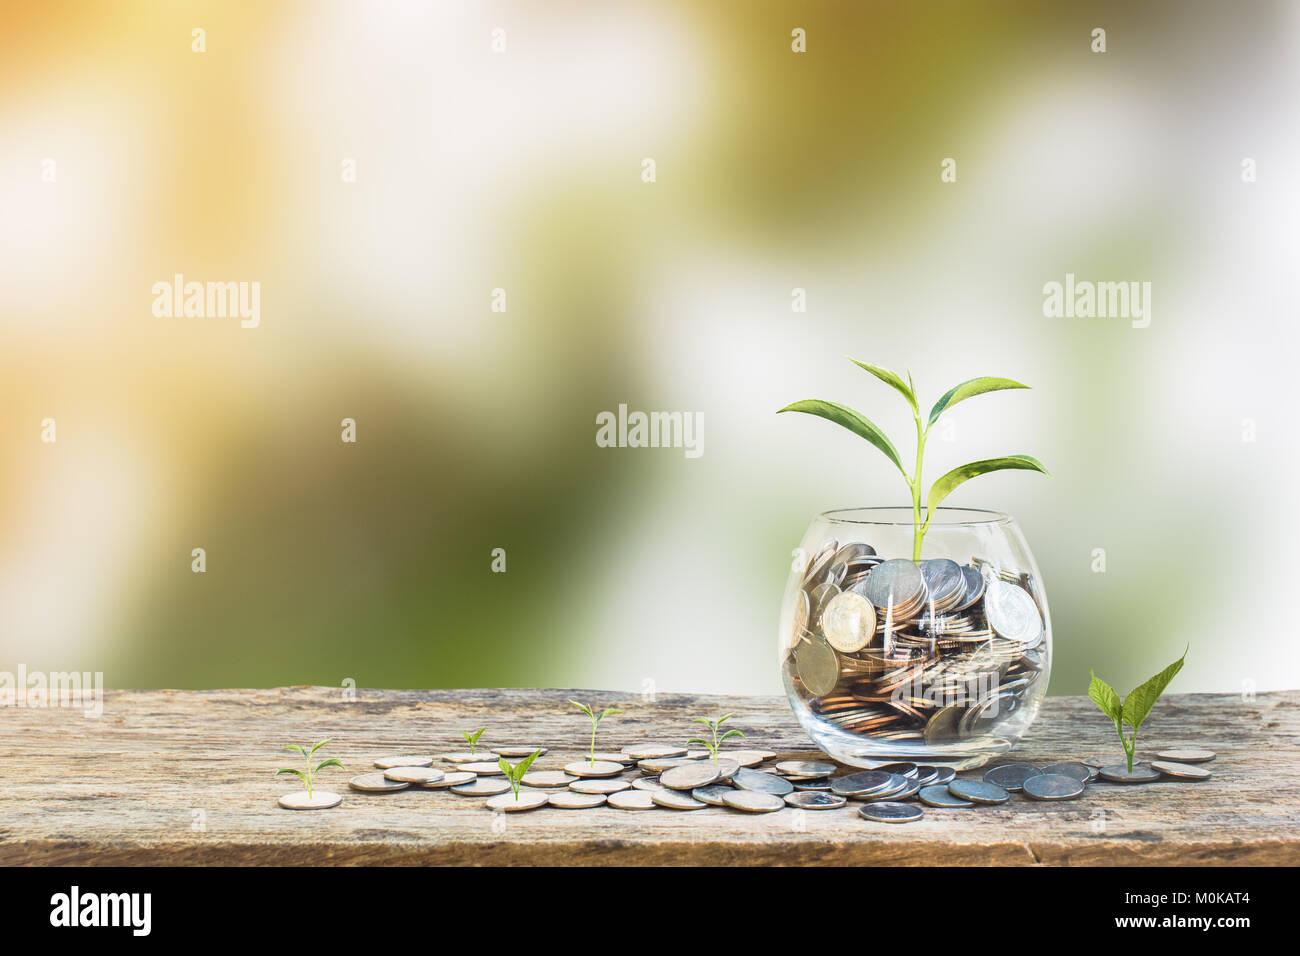 Concetto di investimento. Impianto di crescita sulle monete in bottiglia di vetro chiaro su un tavolo di legno verde Immagini Stock